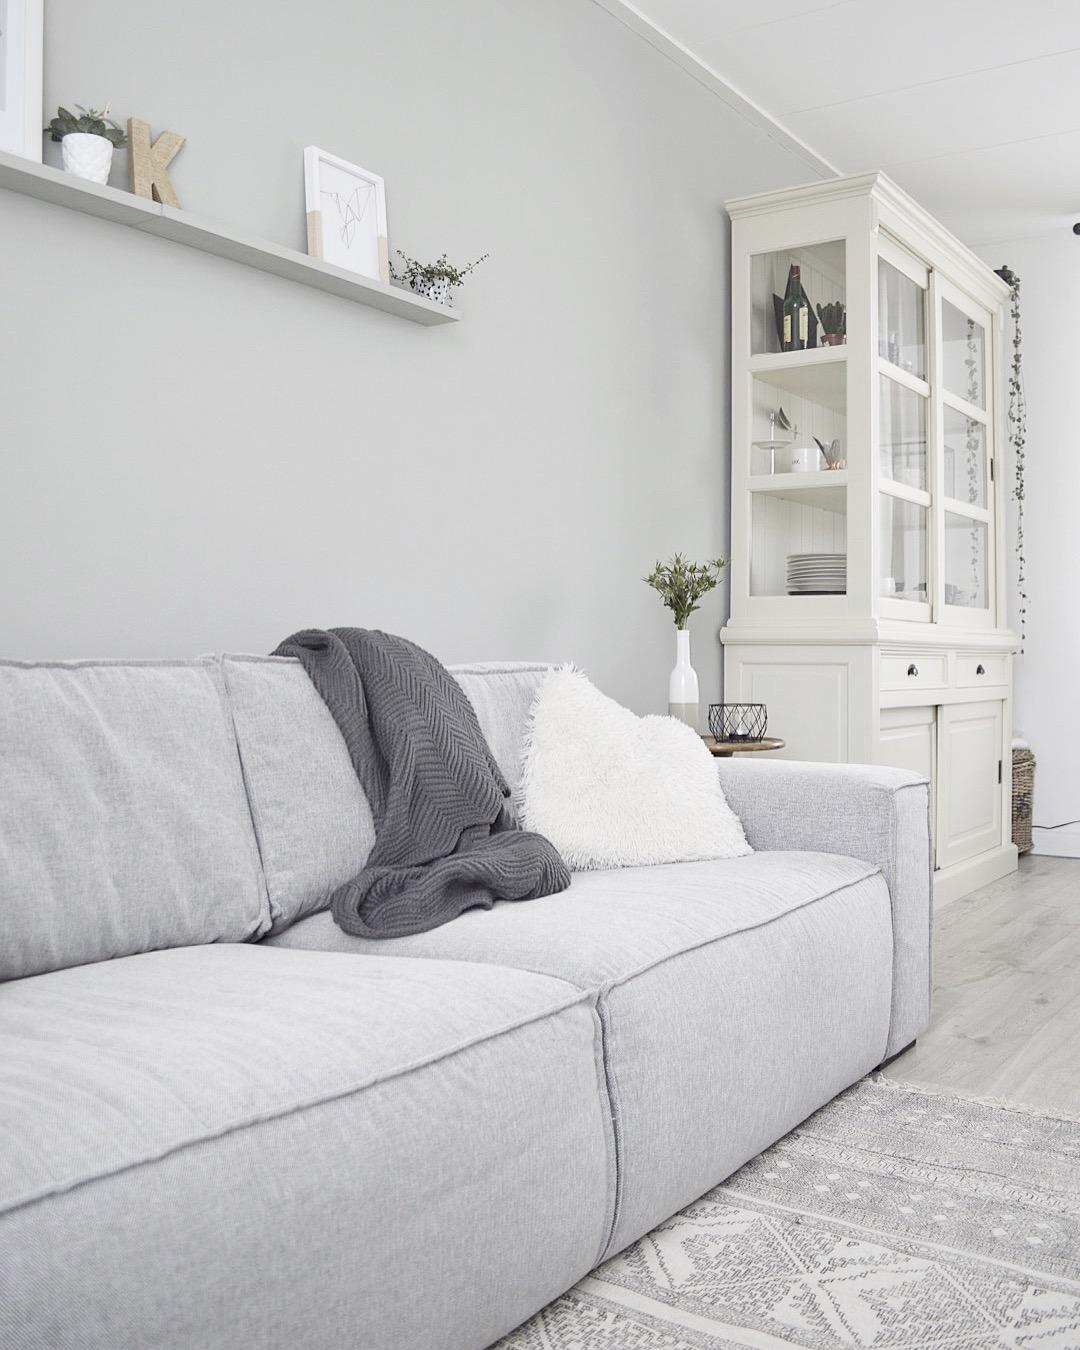 woonkamer bank woonexpress interieur inspiratie blog landelijk Scandinavisch home vloerkleed